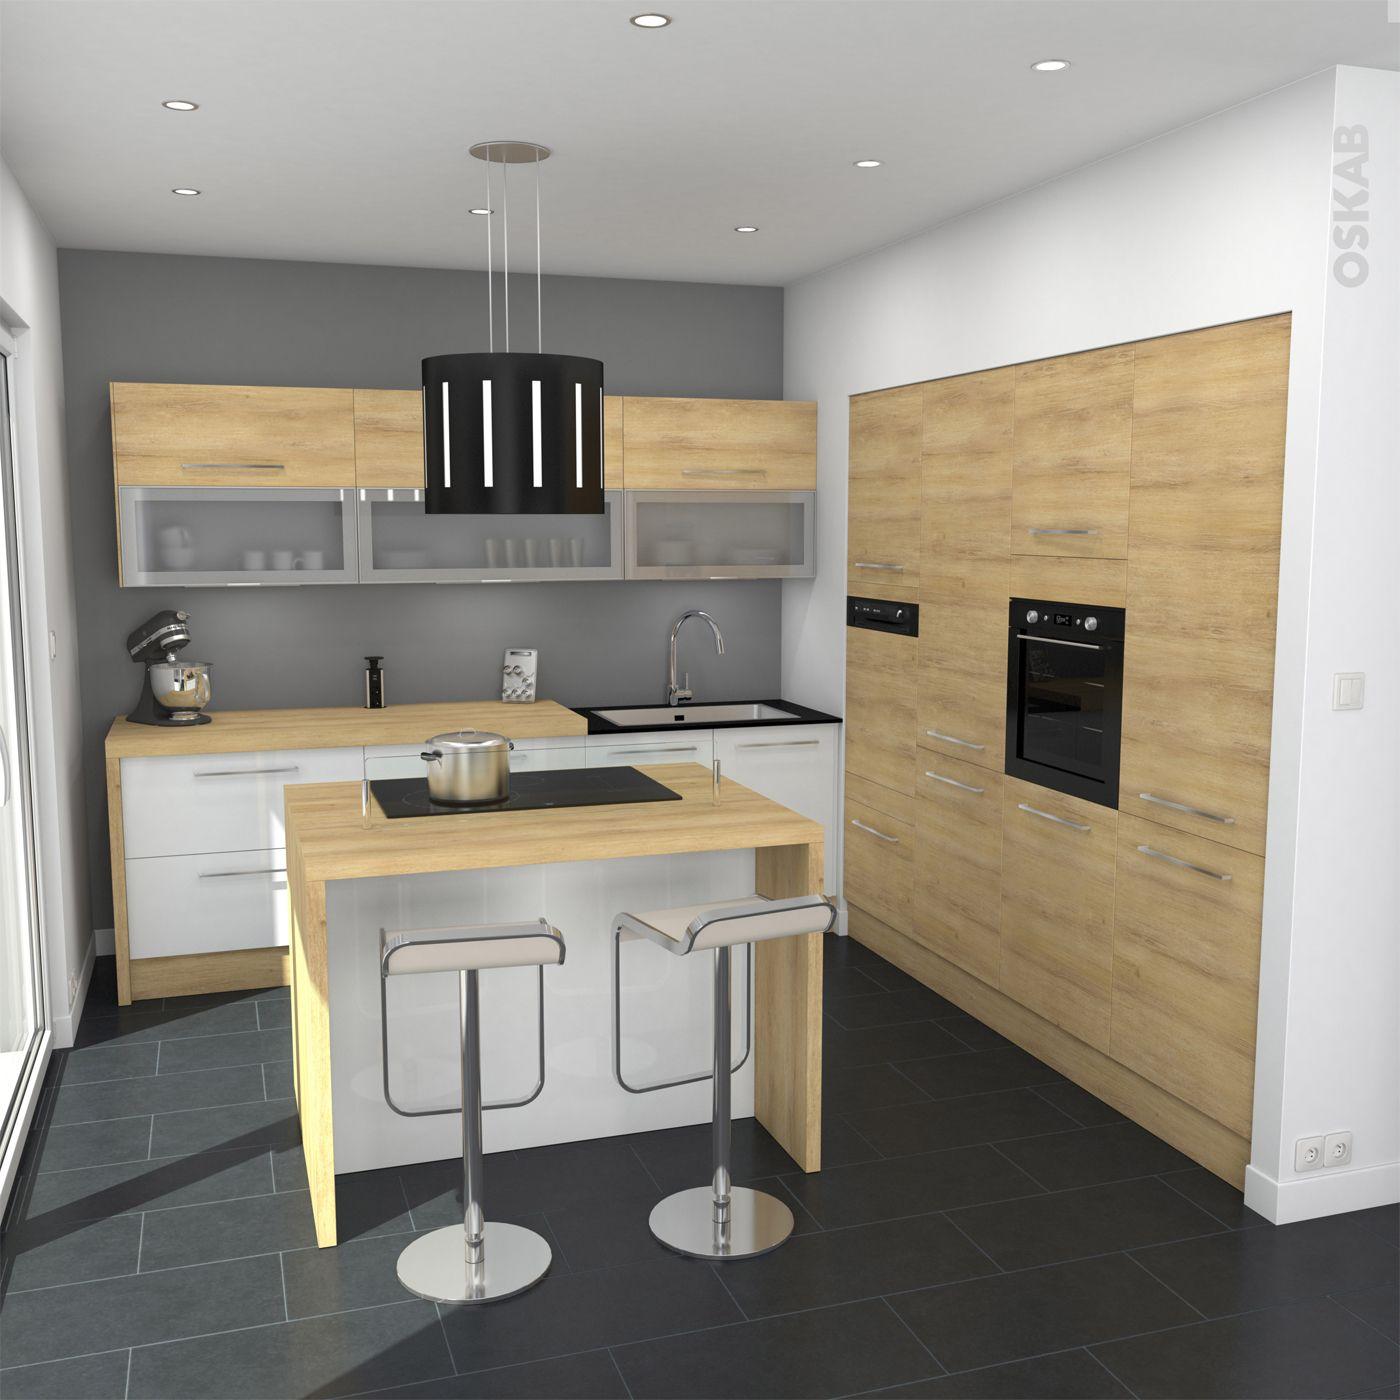 Ilot De Cuisine Avec Colonne cuisine blanche et bois design et chaleureuse, implantation